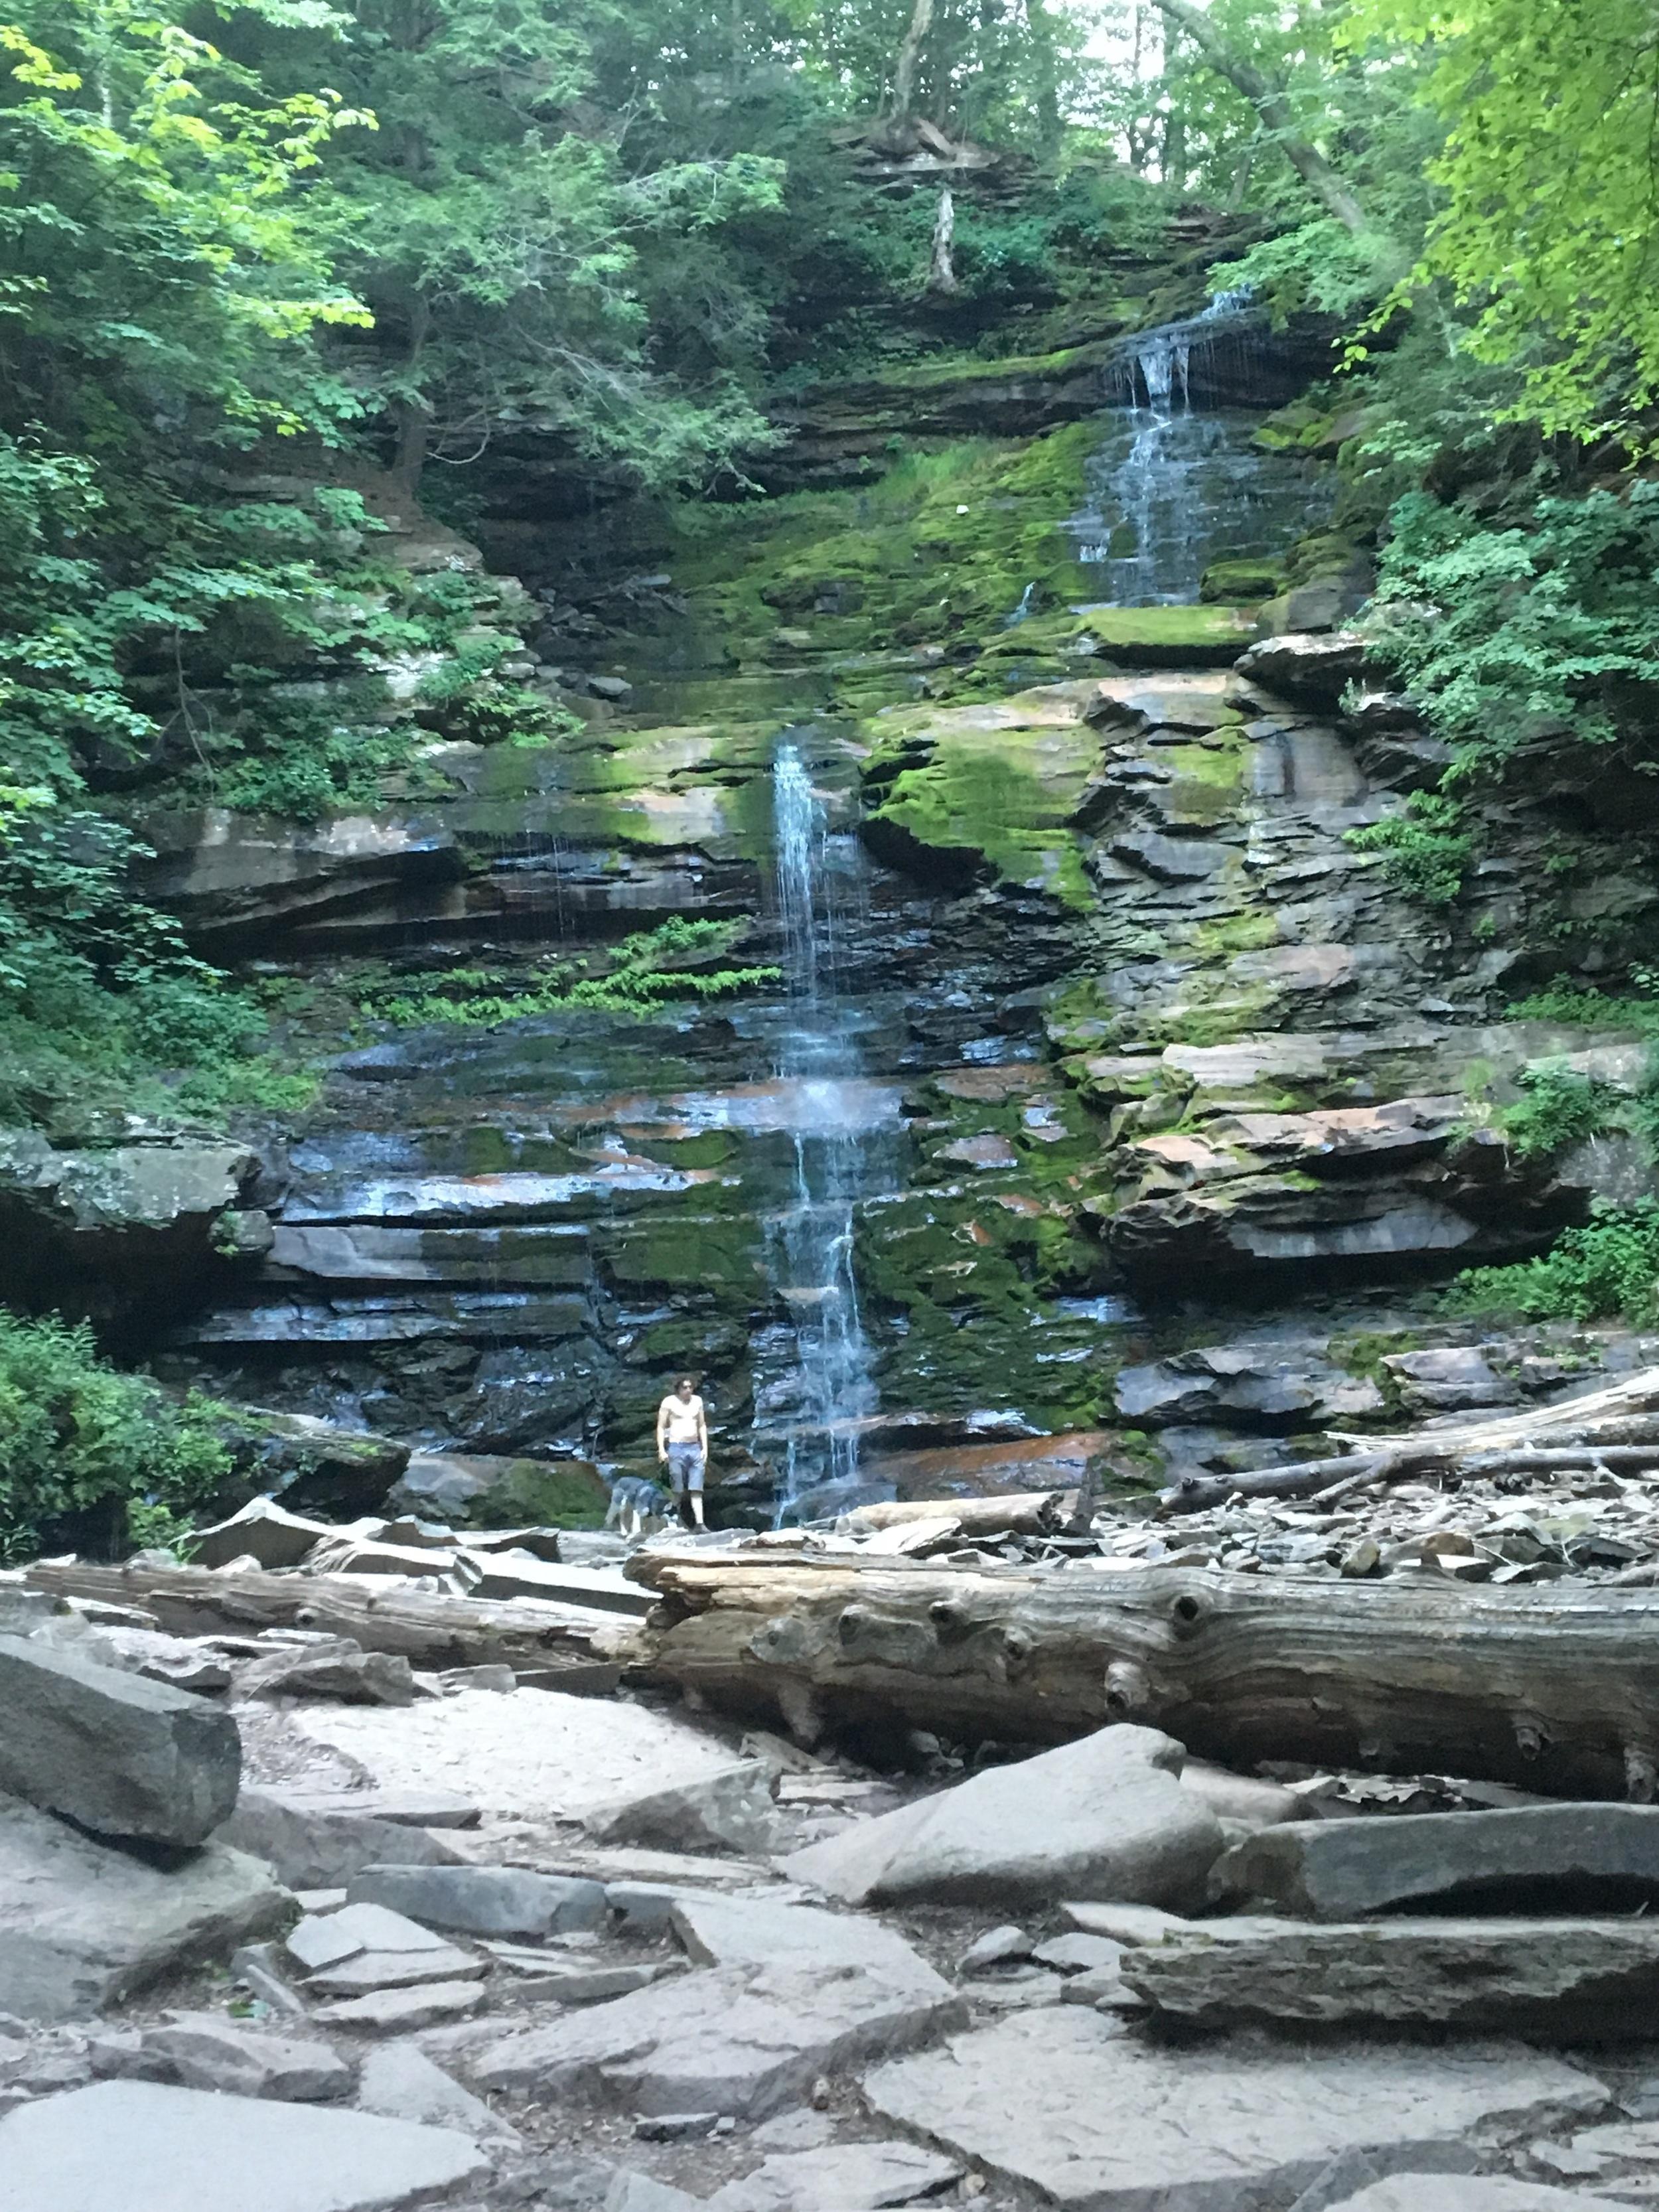 Ken & Balto beneath Ganoga Falls at Rickett's Glen State Park.